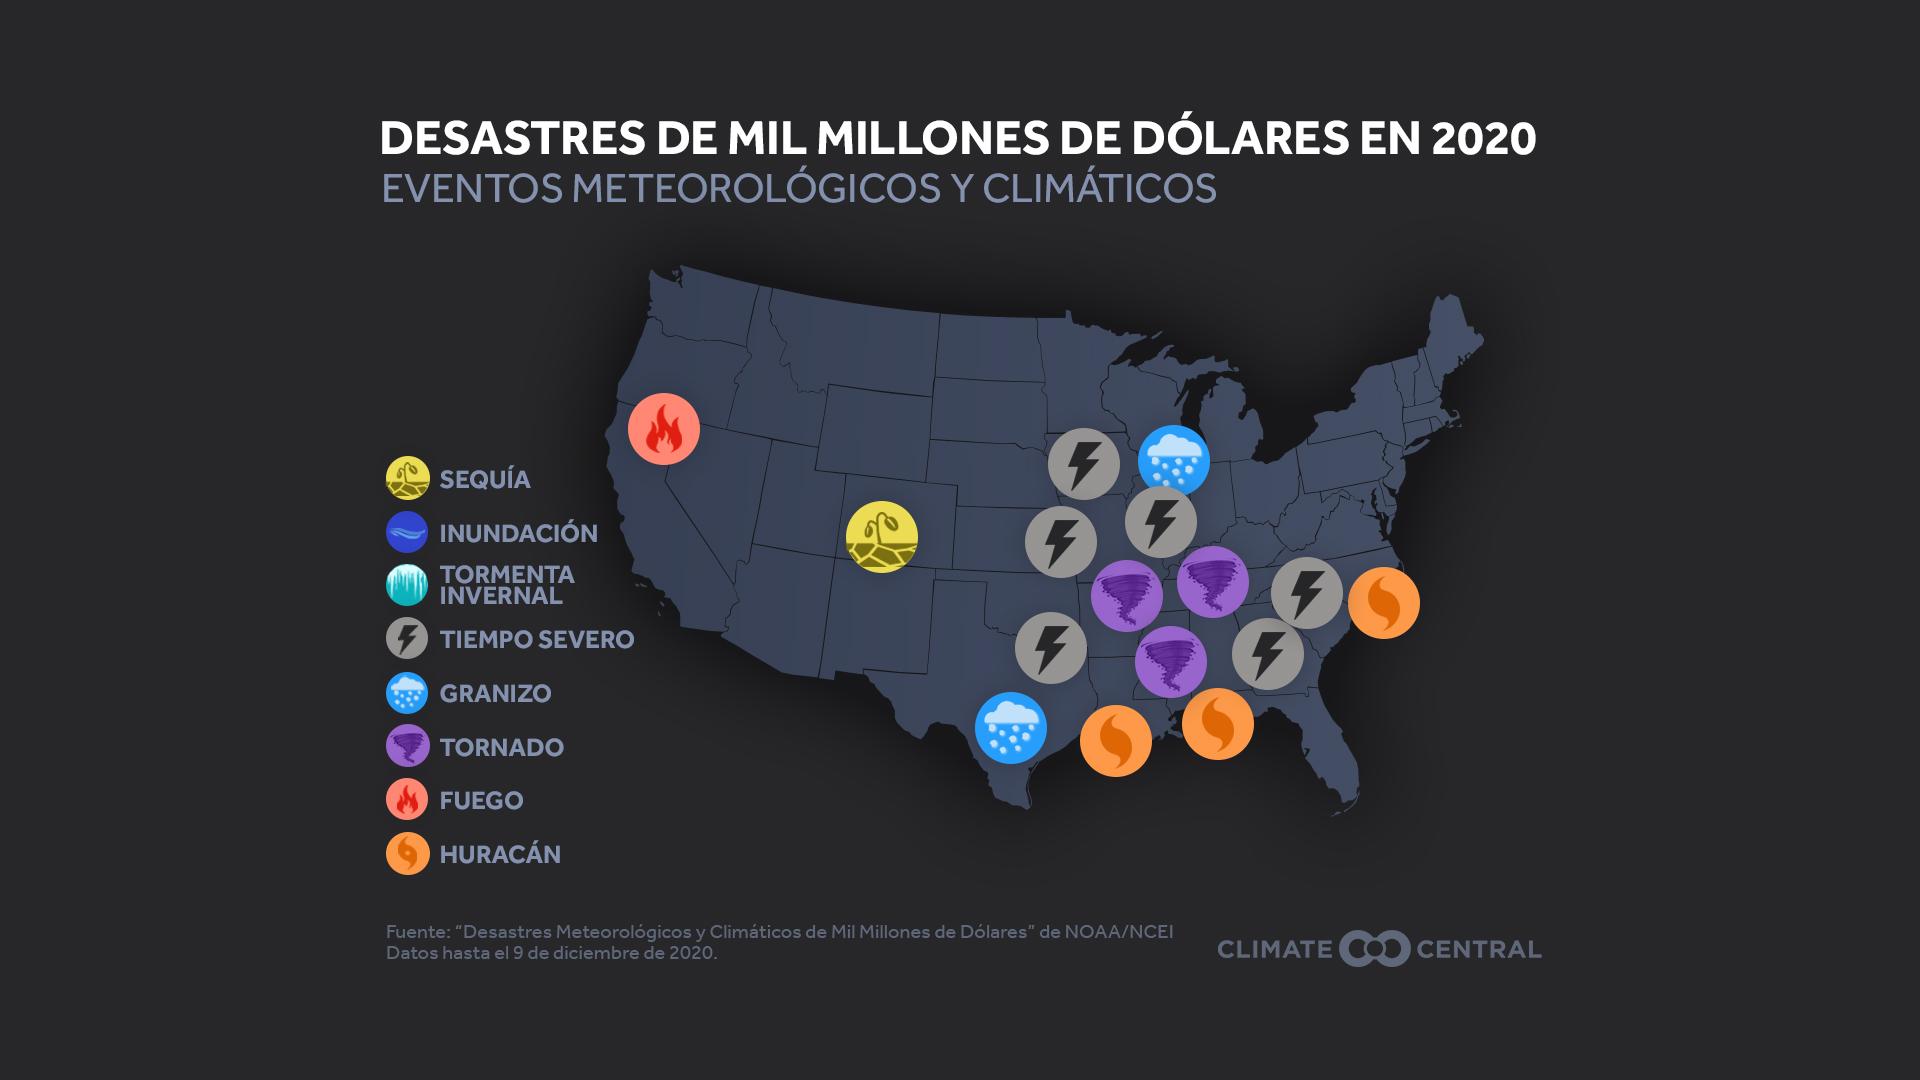 Mapa nacional de desastres de mil milliones de dólares JPG con título